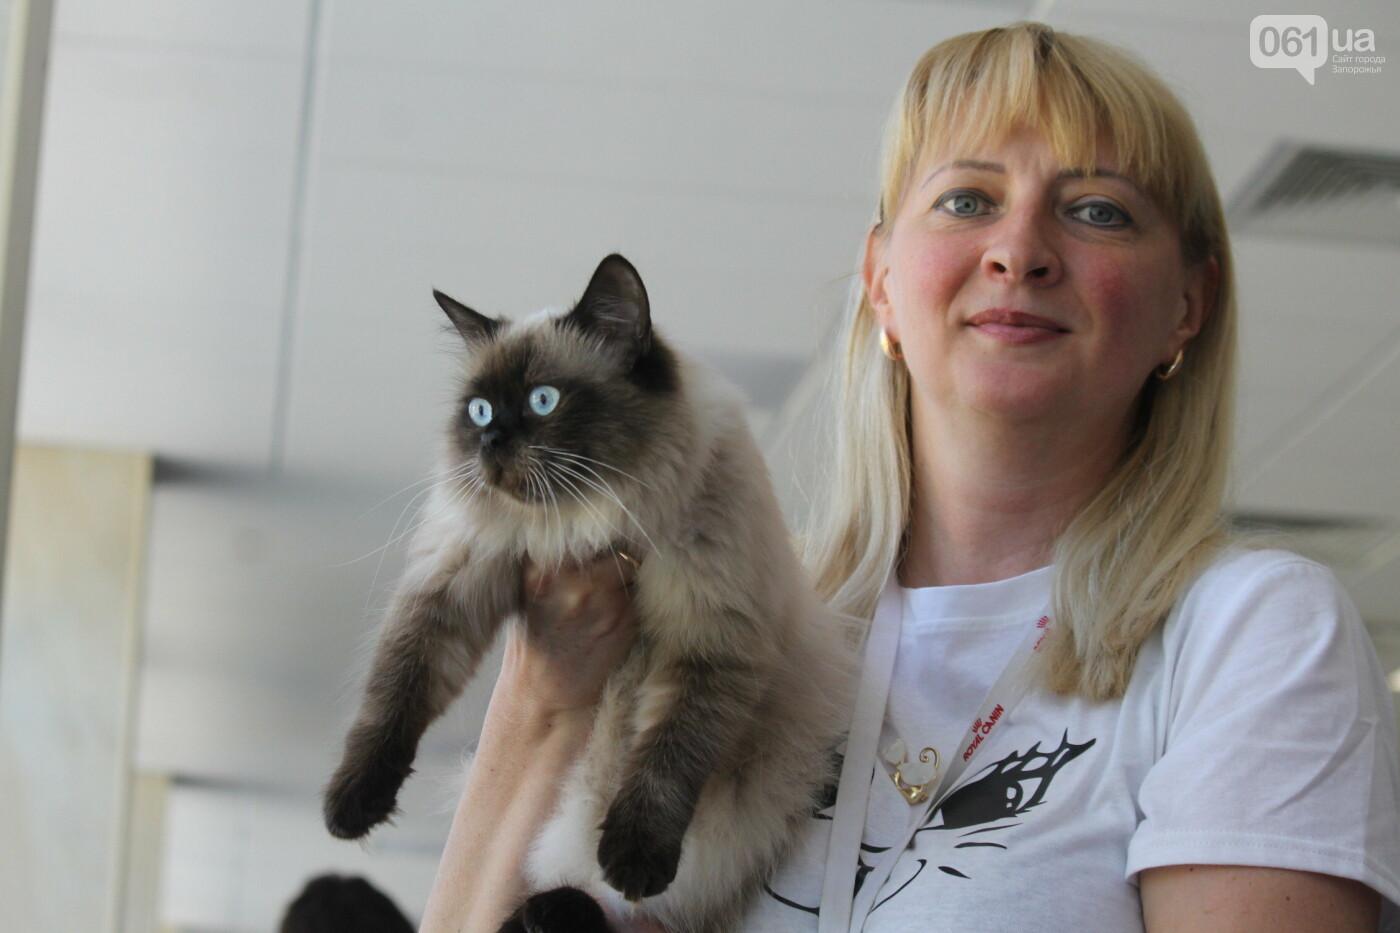 В Запорожье на выставке кошек показали 130 питомцев со всей Украины, – ФОТОРЕПОРТАЖ, фото-21